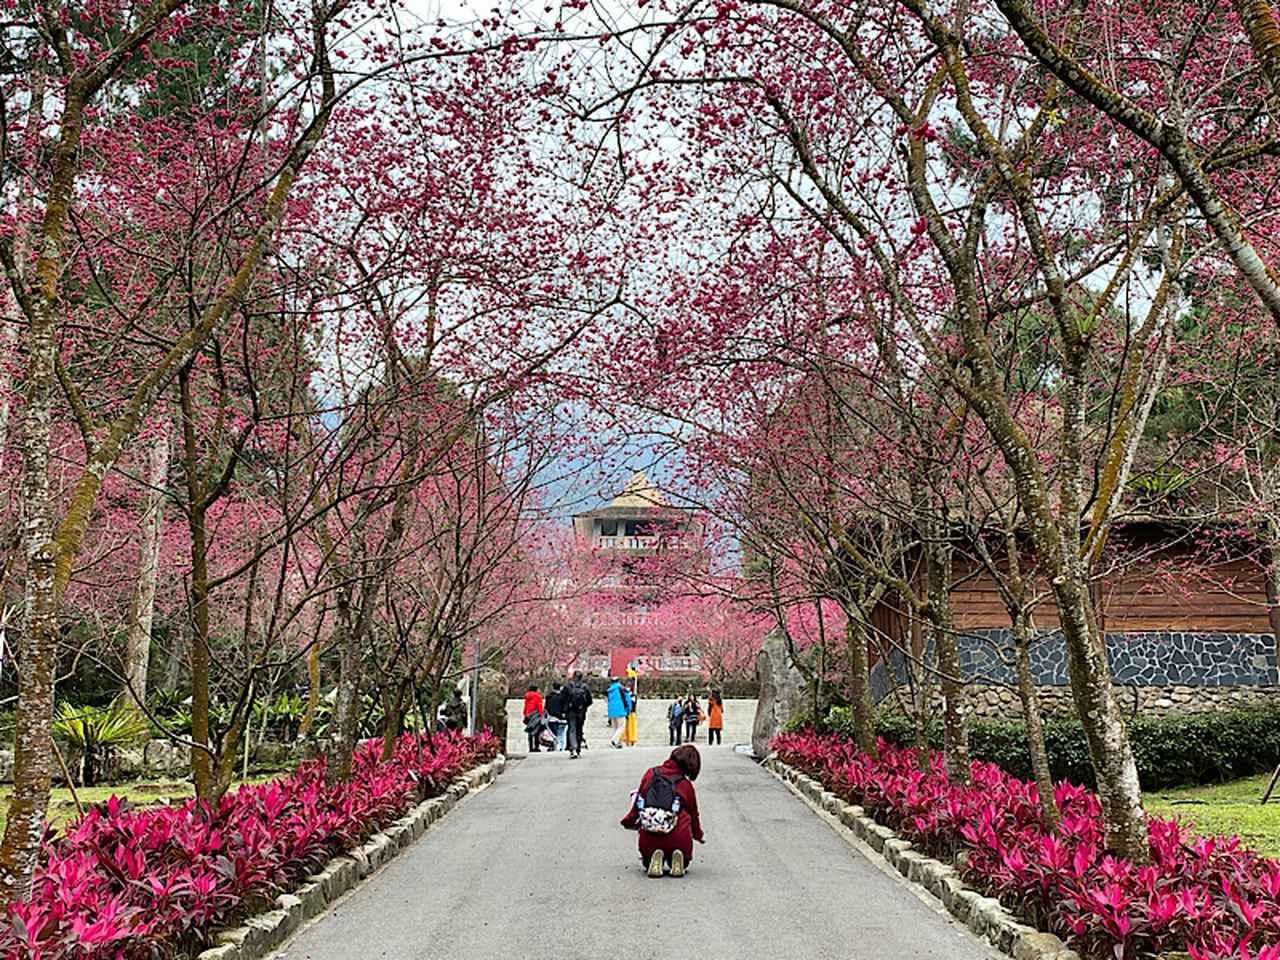 画像: 【台湾】桜の名所が実はたくさんあります!台湾桜の名所のご紹介 - クラブログ ~スタッフブログ~|クラブツーリズム